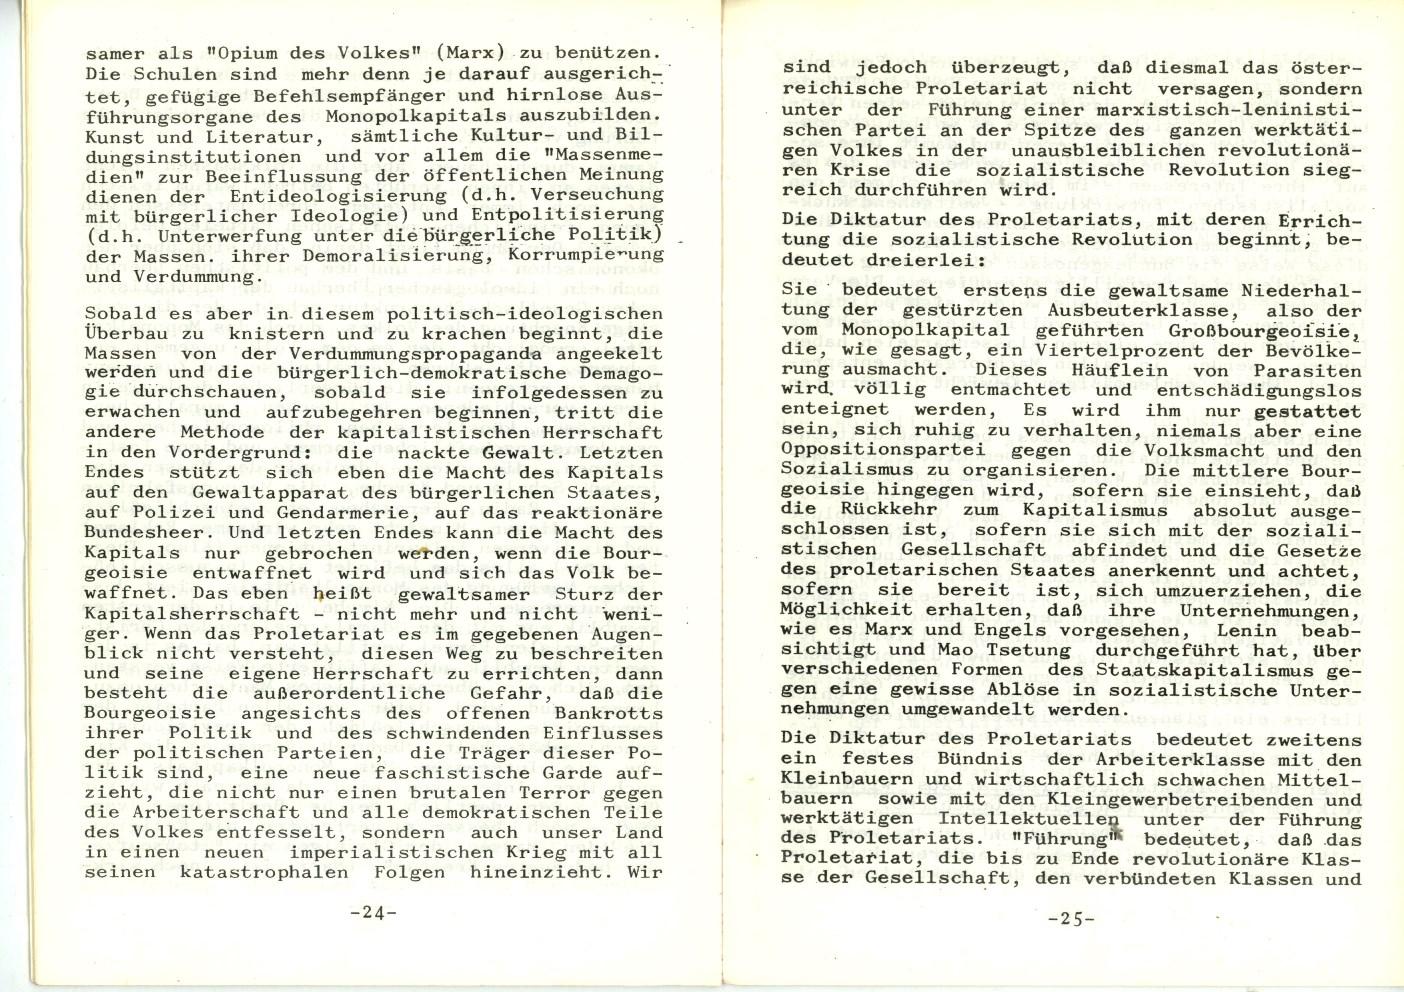 VRA_Grundsatzerklaerung_1971_14